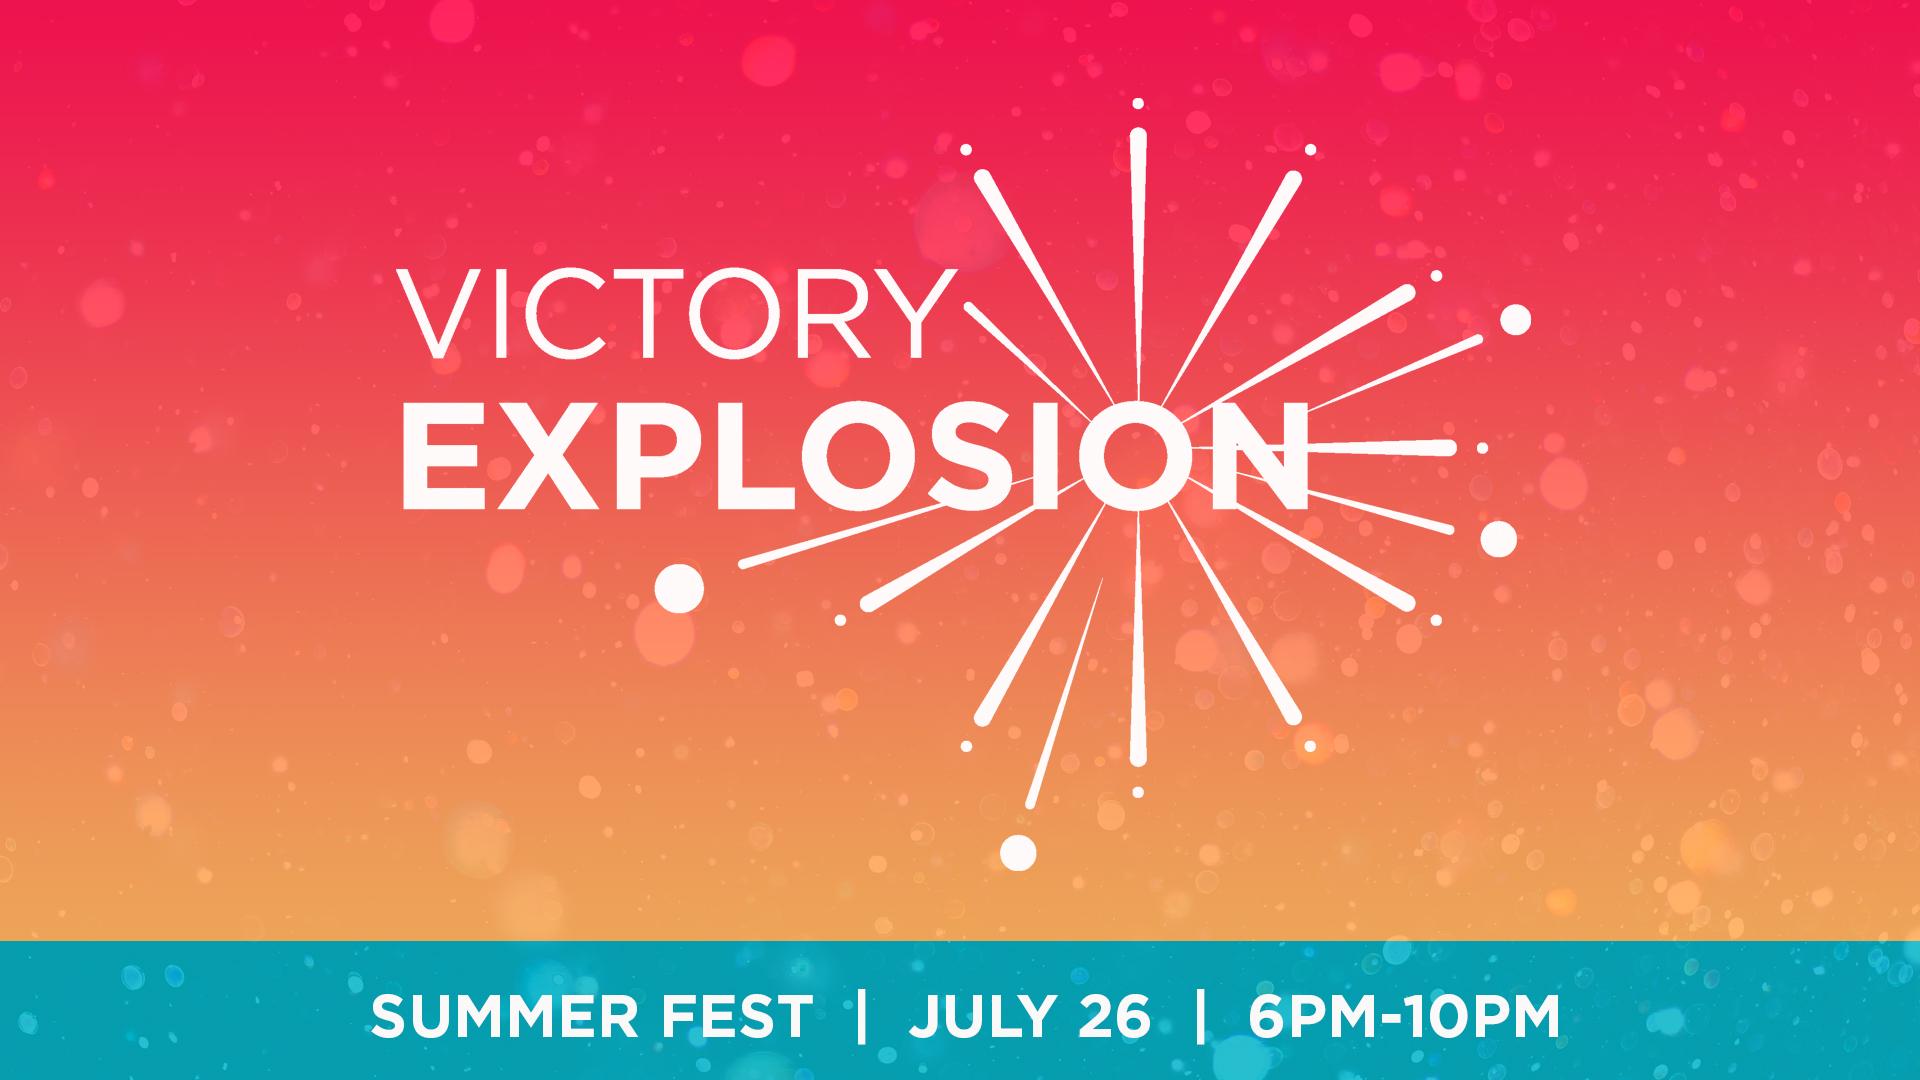 Victory Explosion Slide.jpg